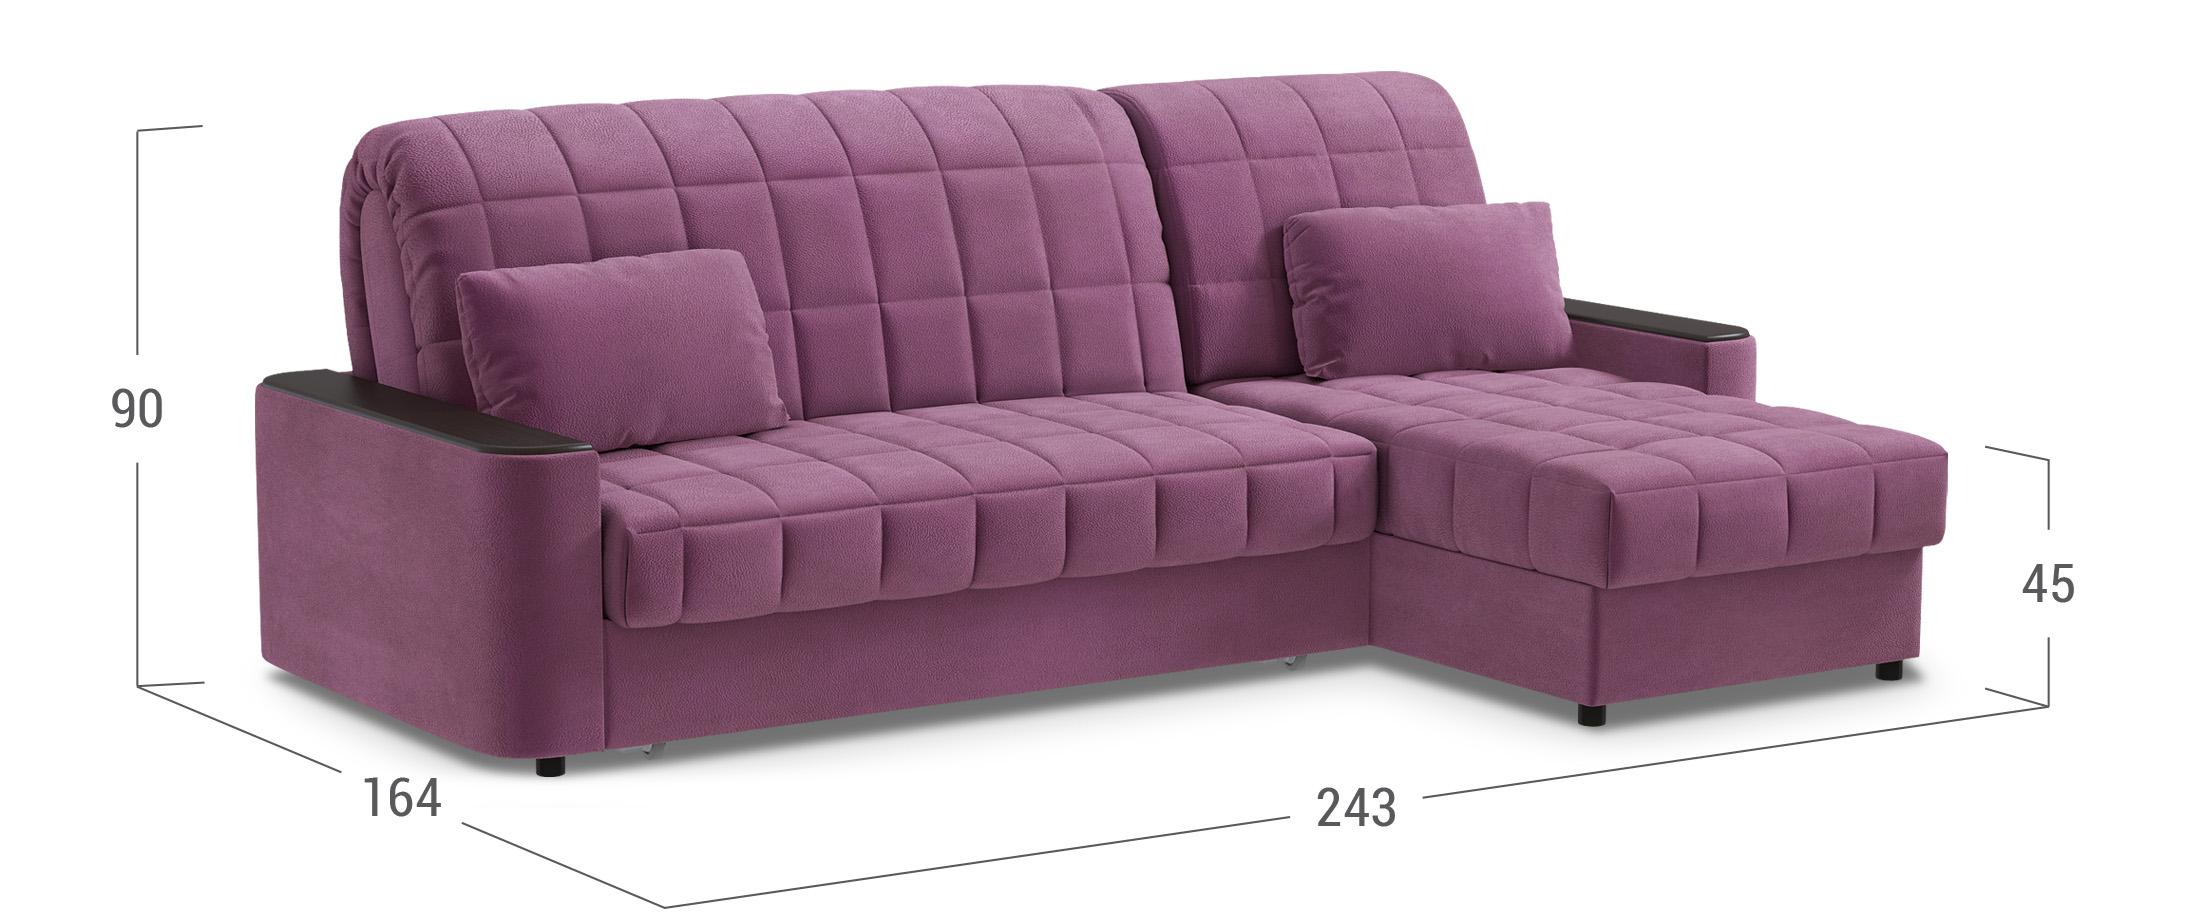 Кухонные диваны со спальным местом - нюансы при выборе